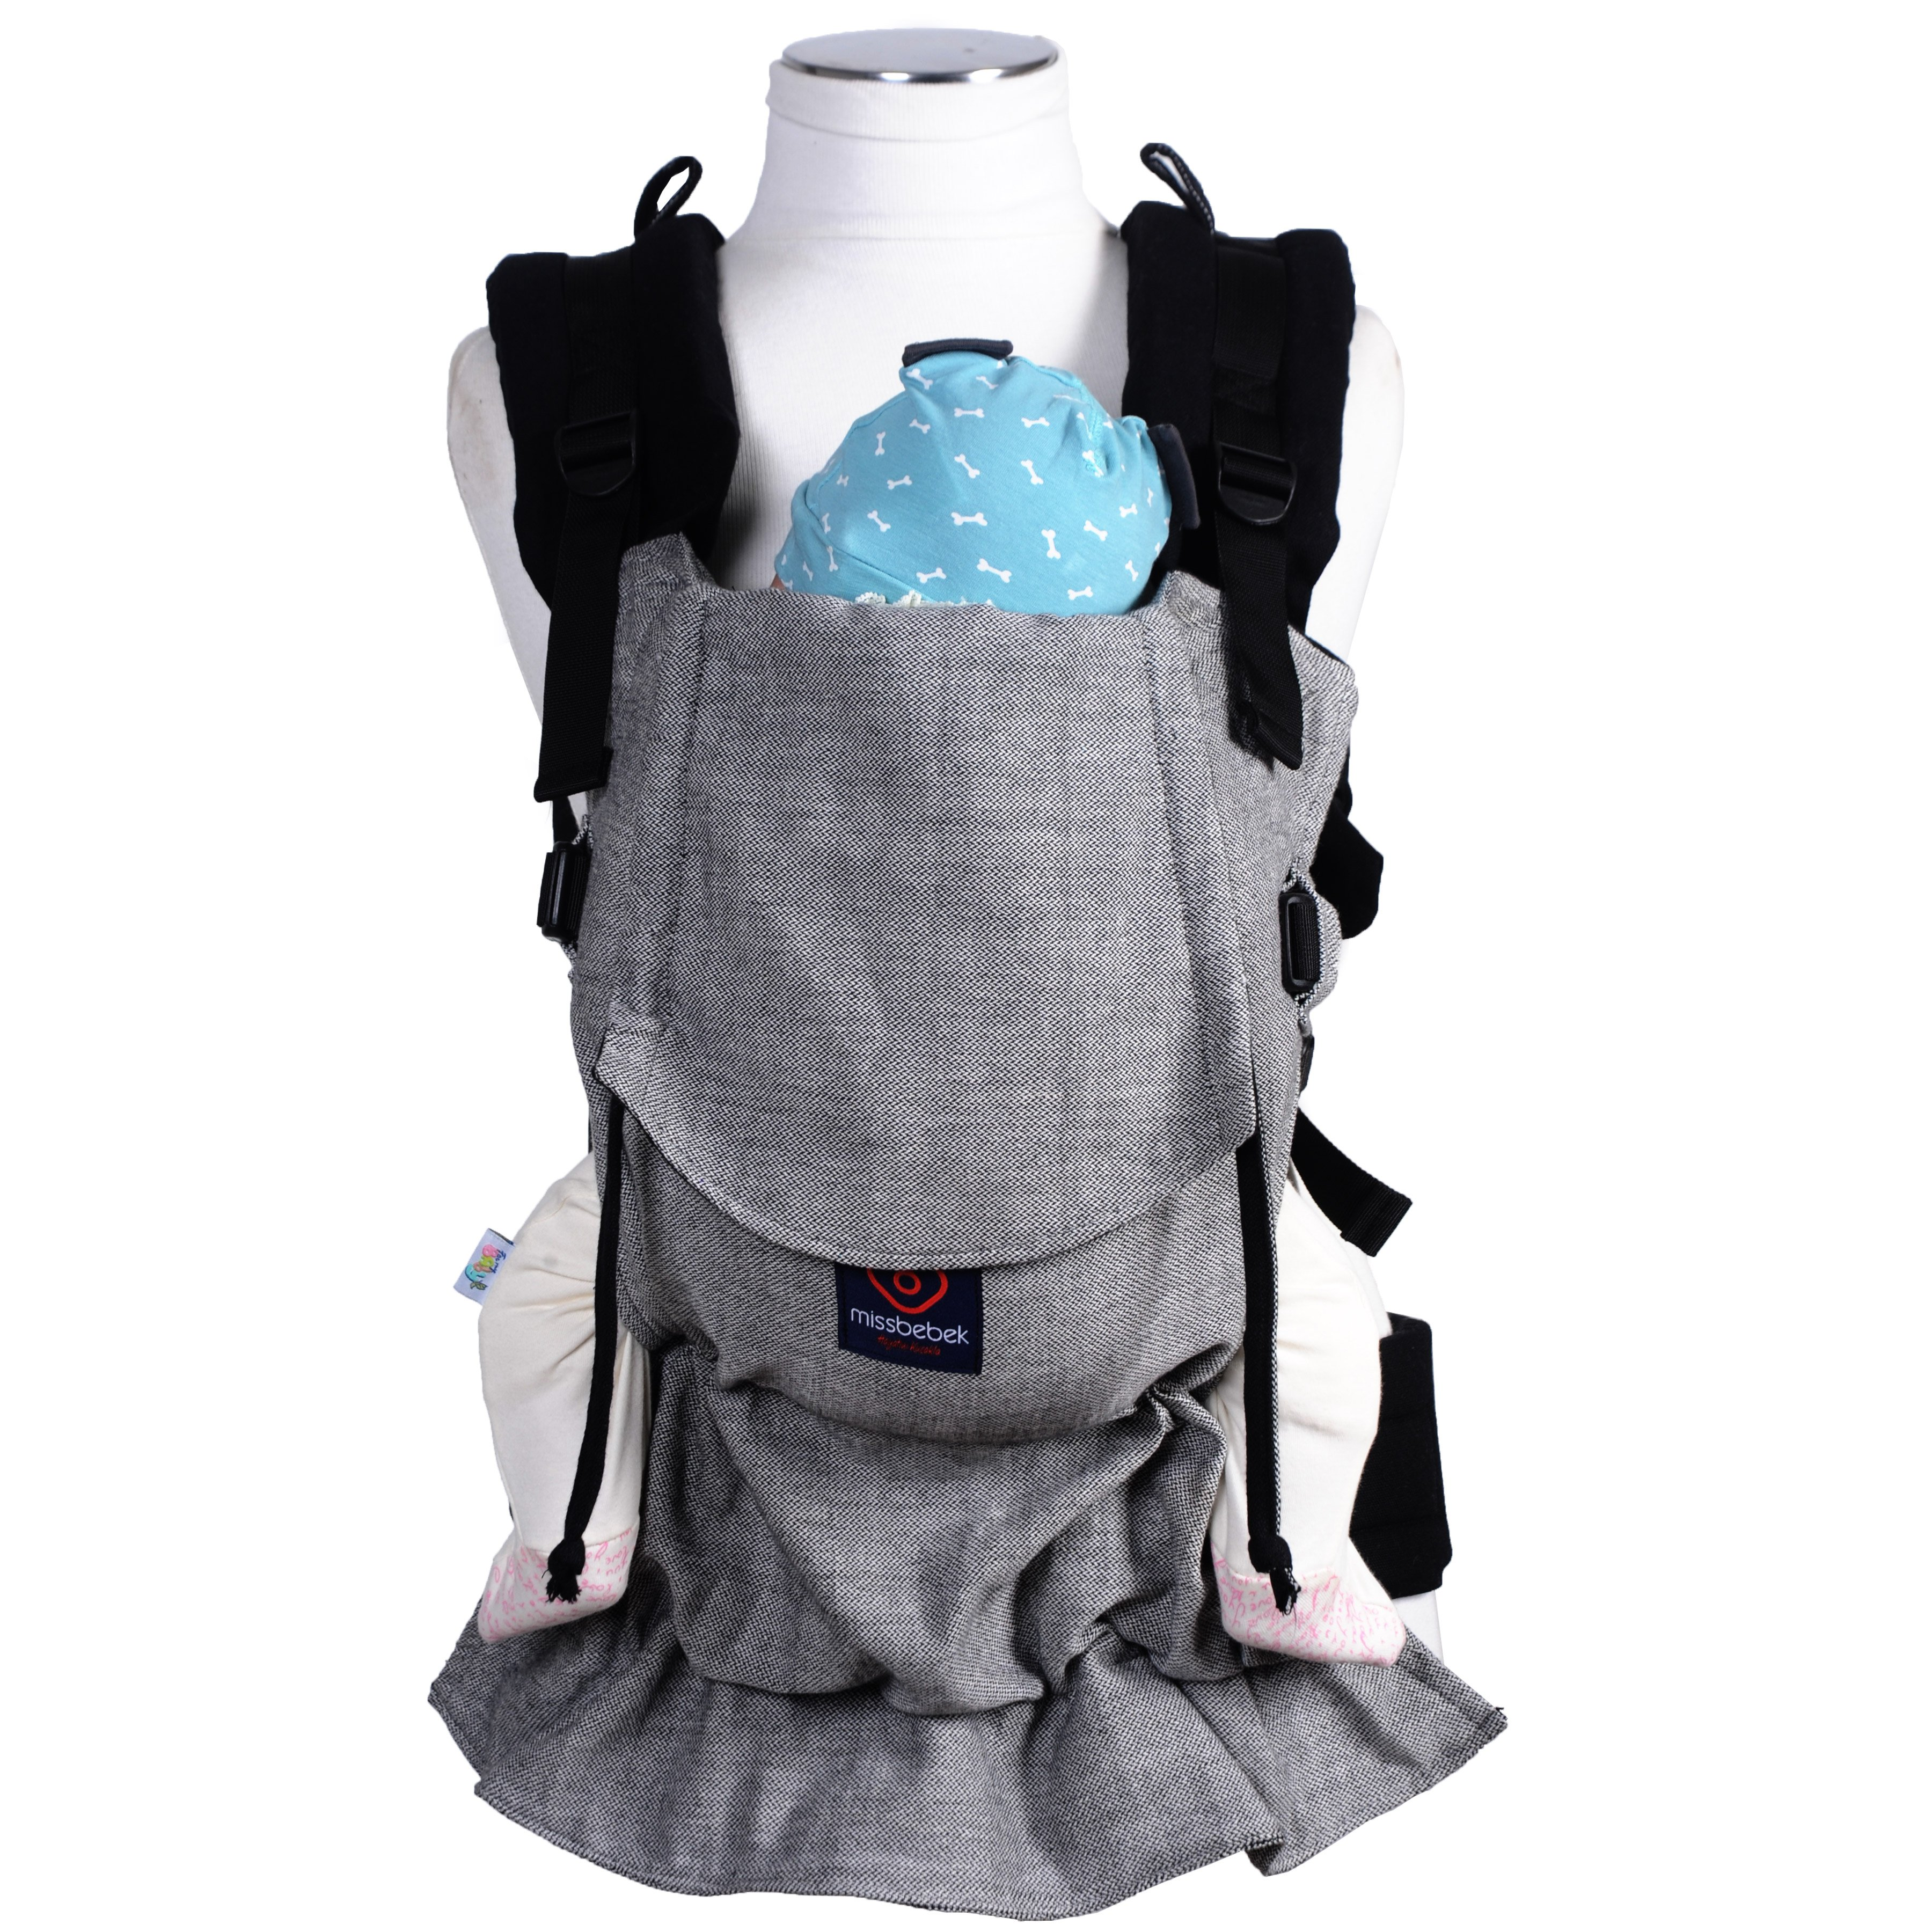 MissBebek Ergonomik Babycarrier / Bebek Taşıyıcı / Ergonomik Kanguru / Bebek Taşıma – Tulum